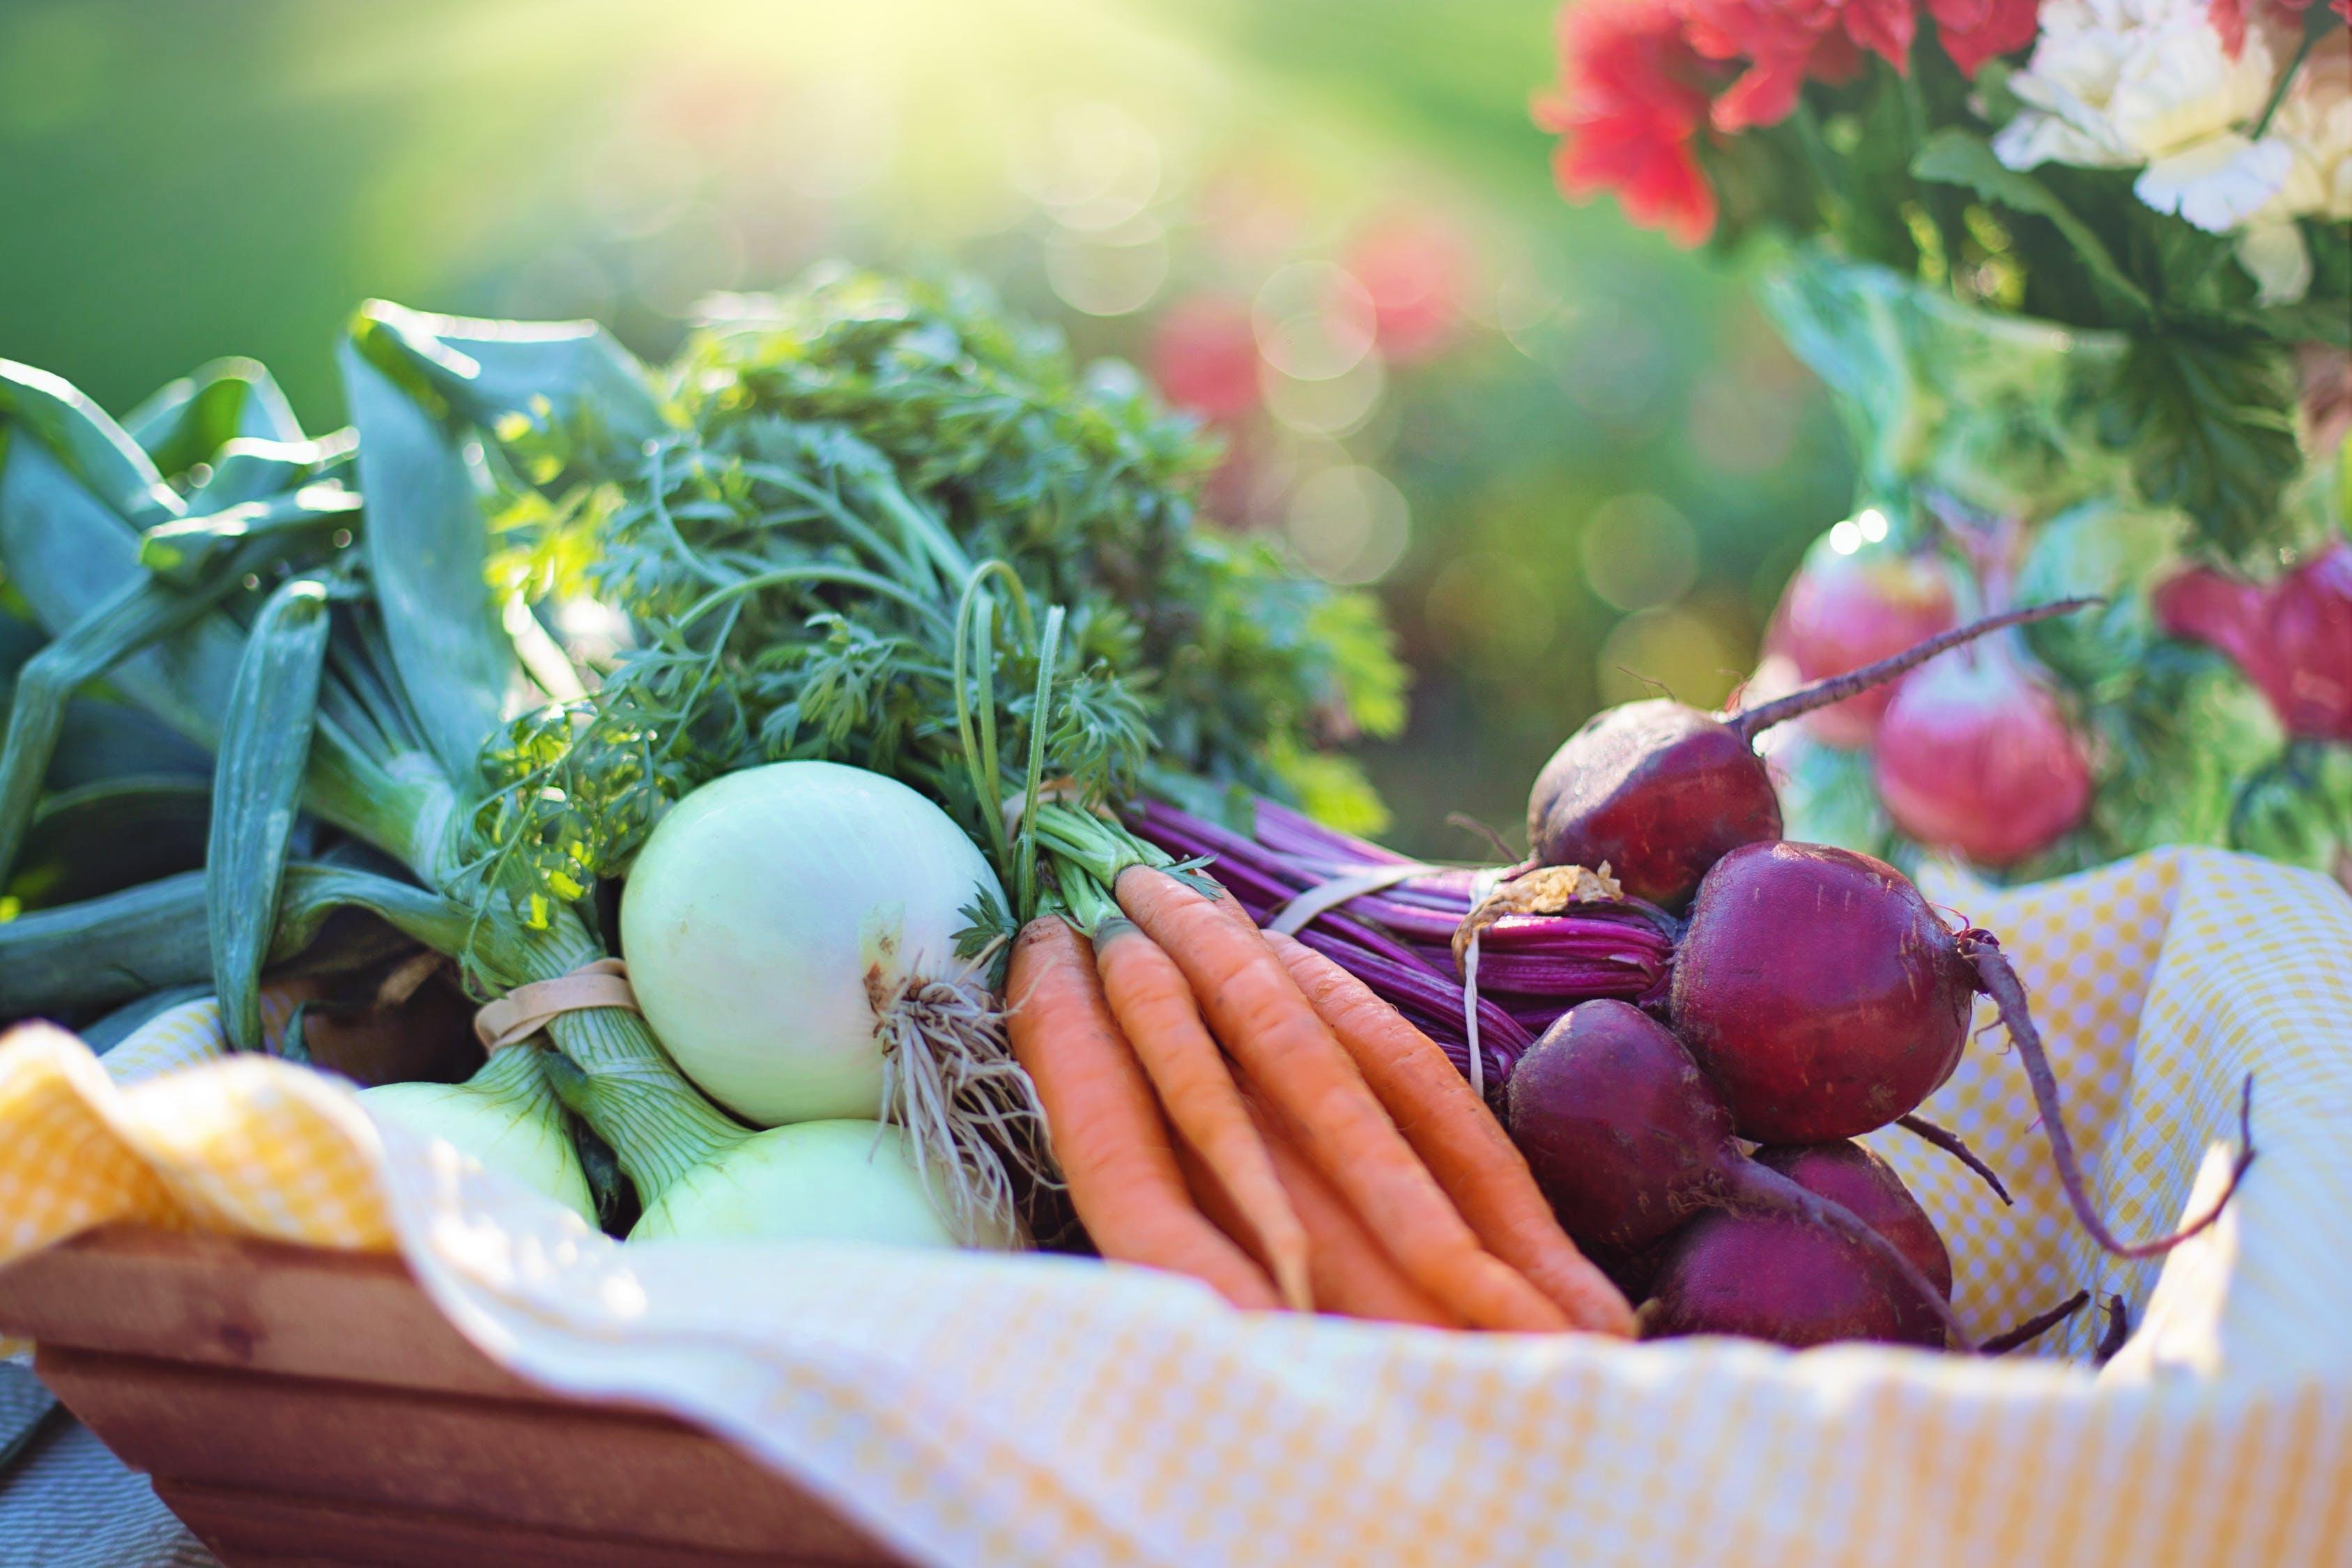 Nhiều loại rau trái tốt cho sức khỏe nếu dùng cả vỏ